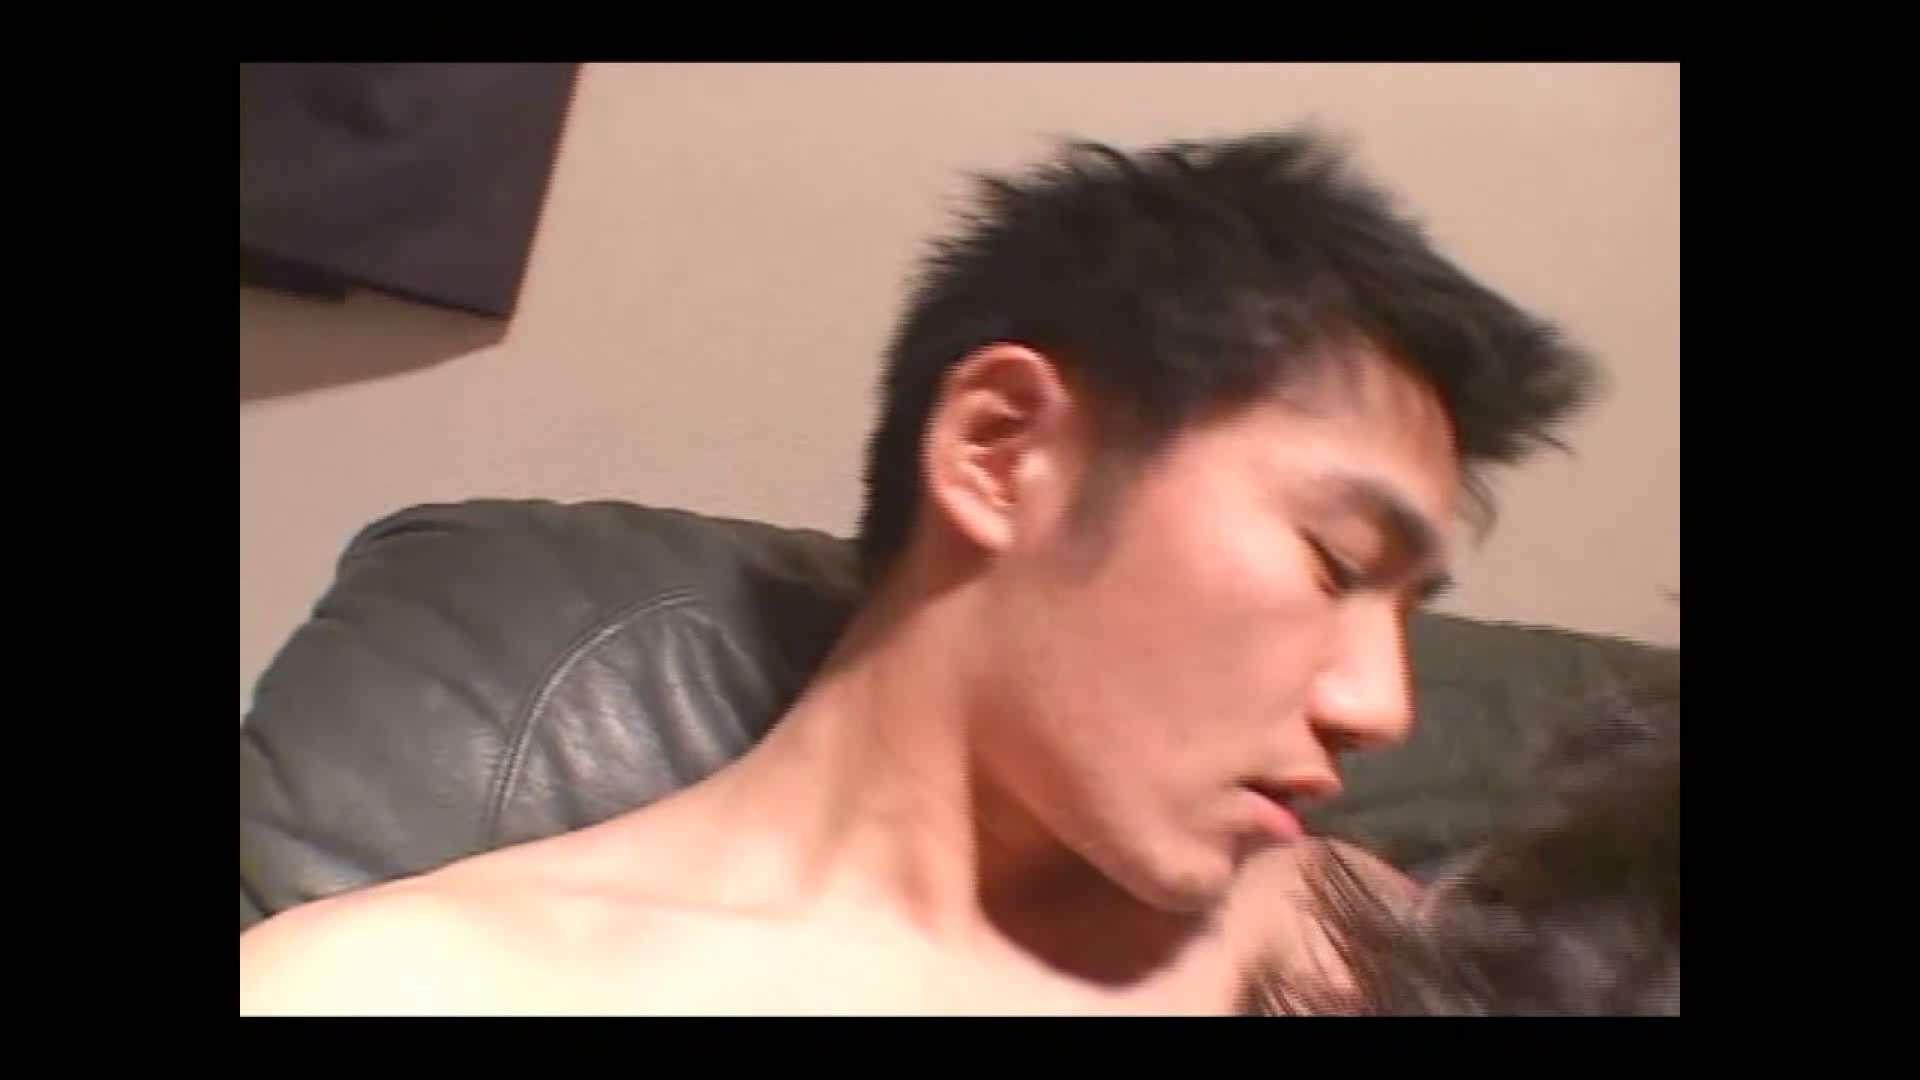 ノンケイケメンの欲望と肉棒 Vol.12 肉にく男子 | イケメンのゲイ達  65枚 57